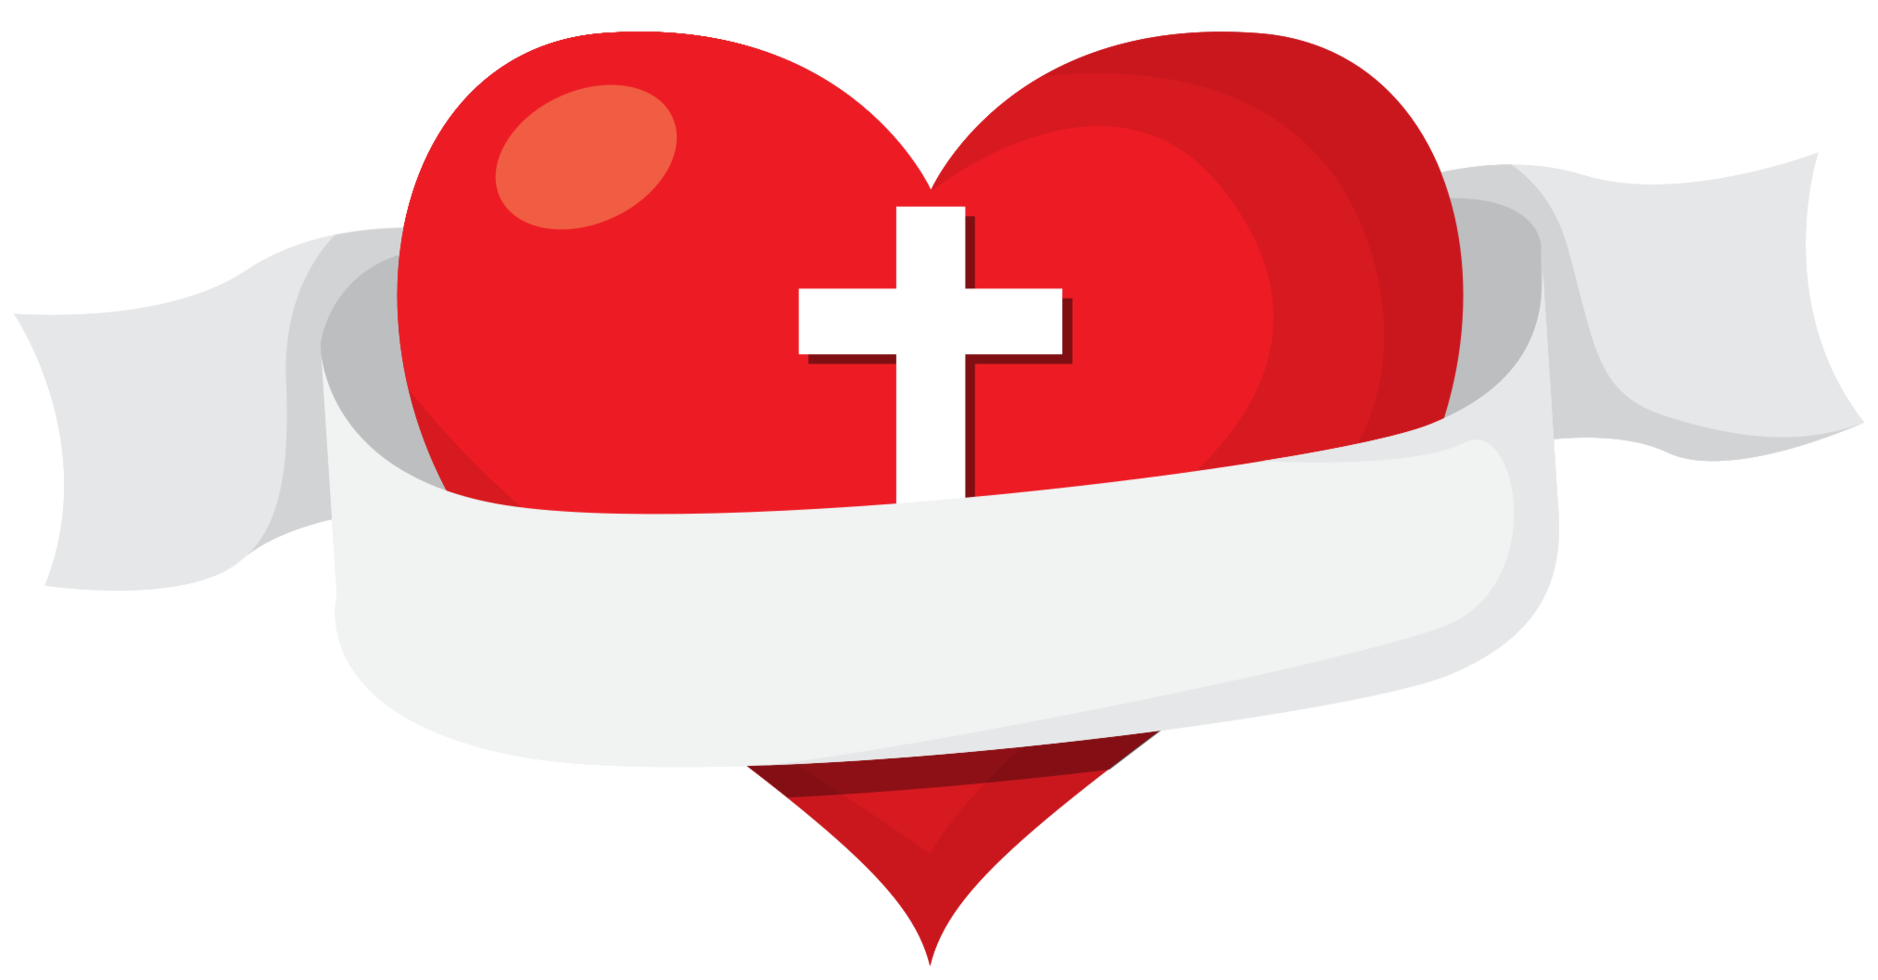 heilig hart banner png